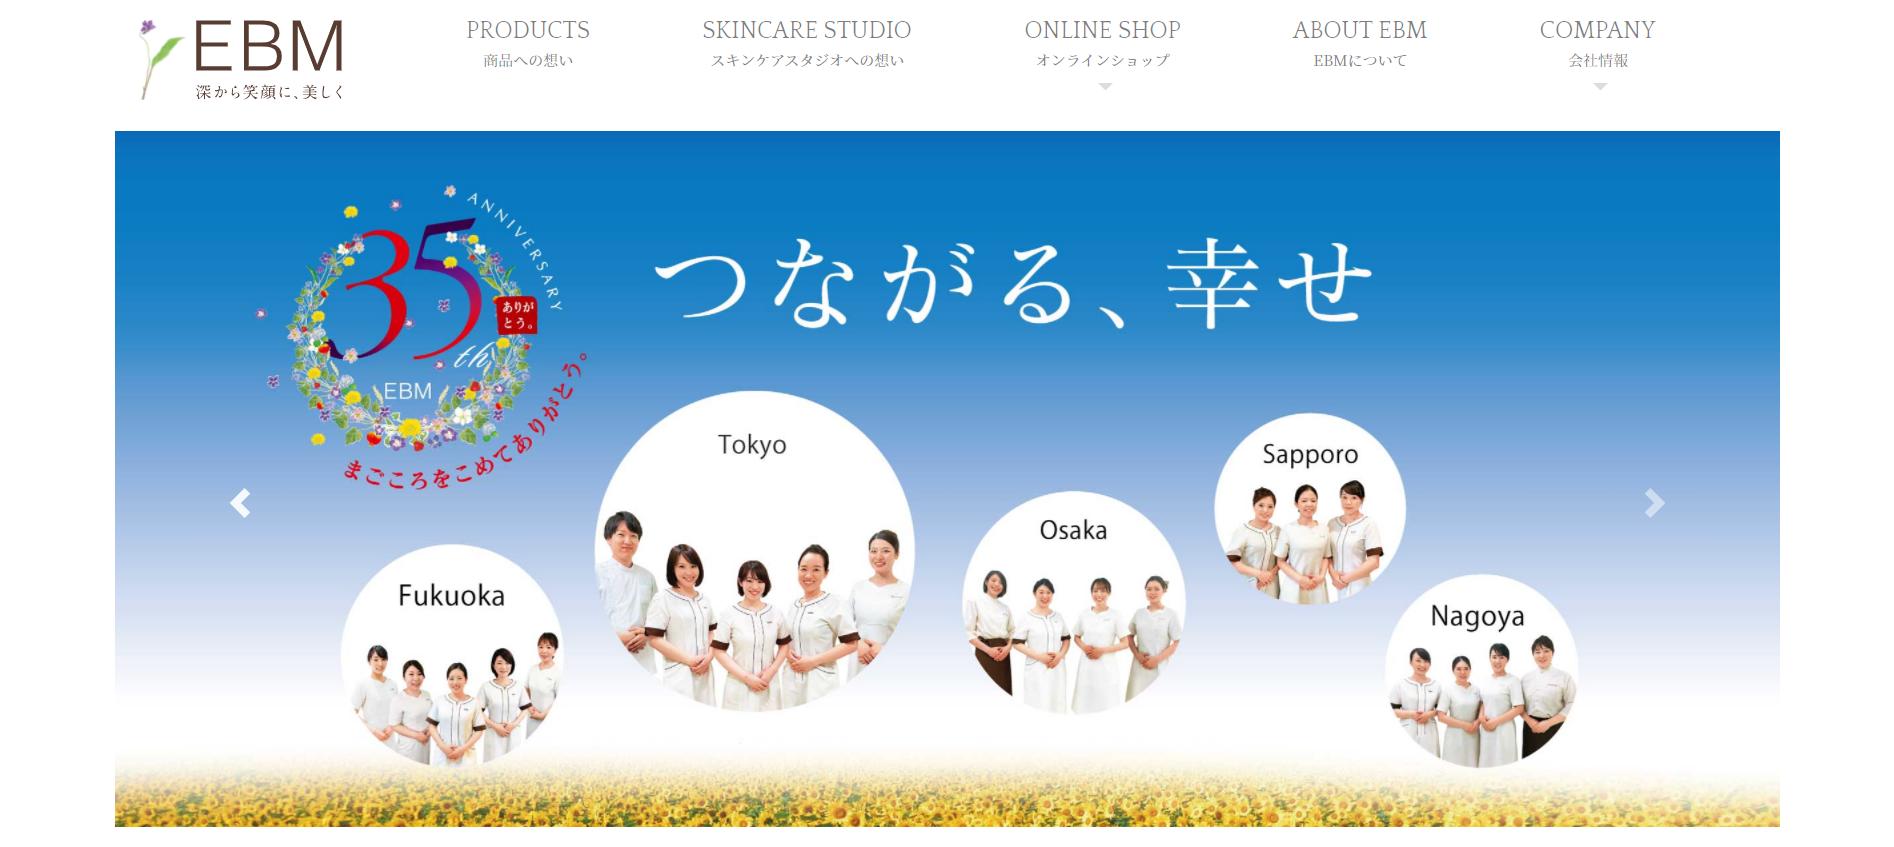 株式会社イービーエム ホームページ キャプチャ画像